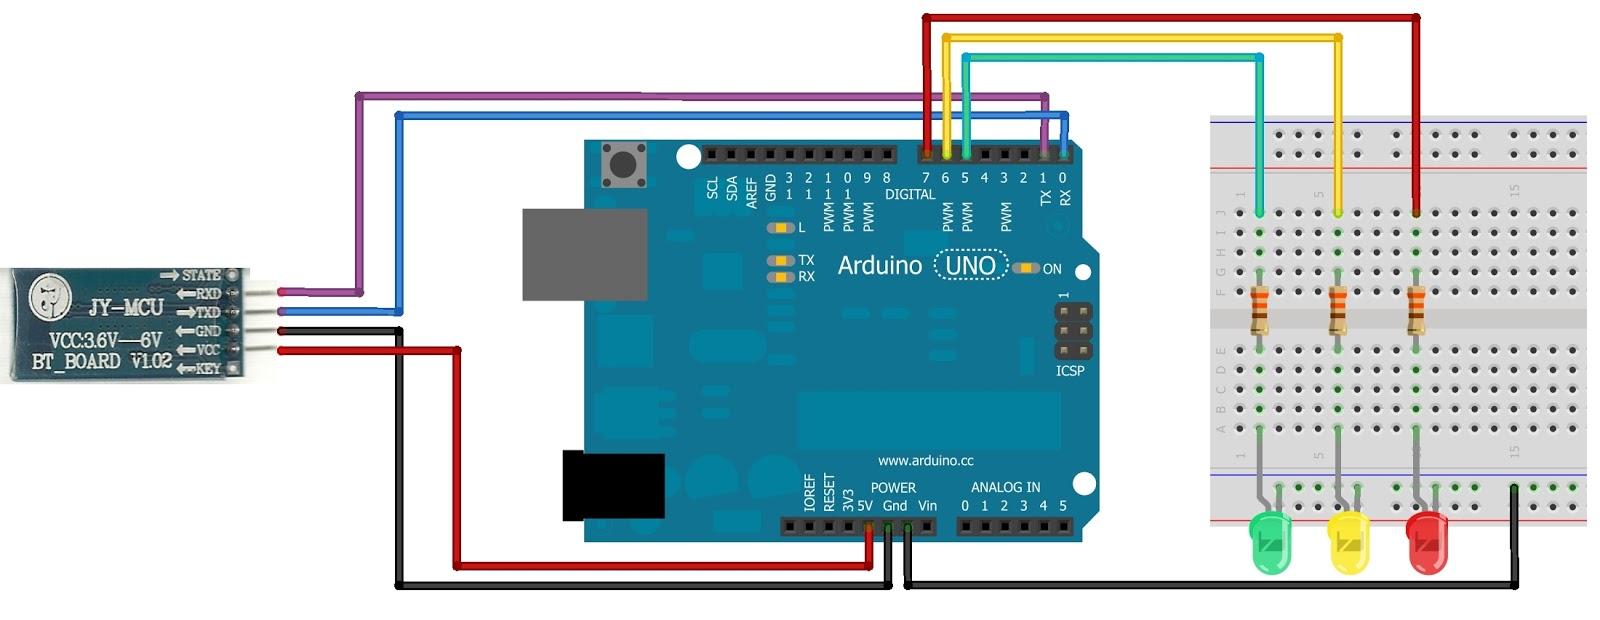 Mechatronics & Robotics: Acionando portas do Arduino usando Android e bluetooth